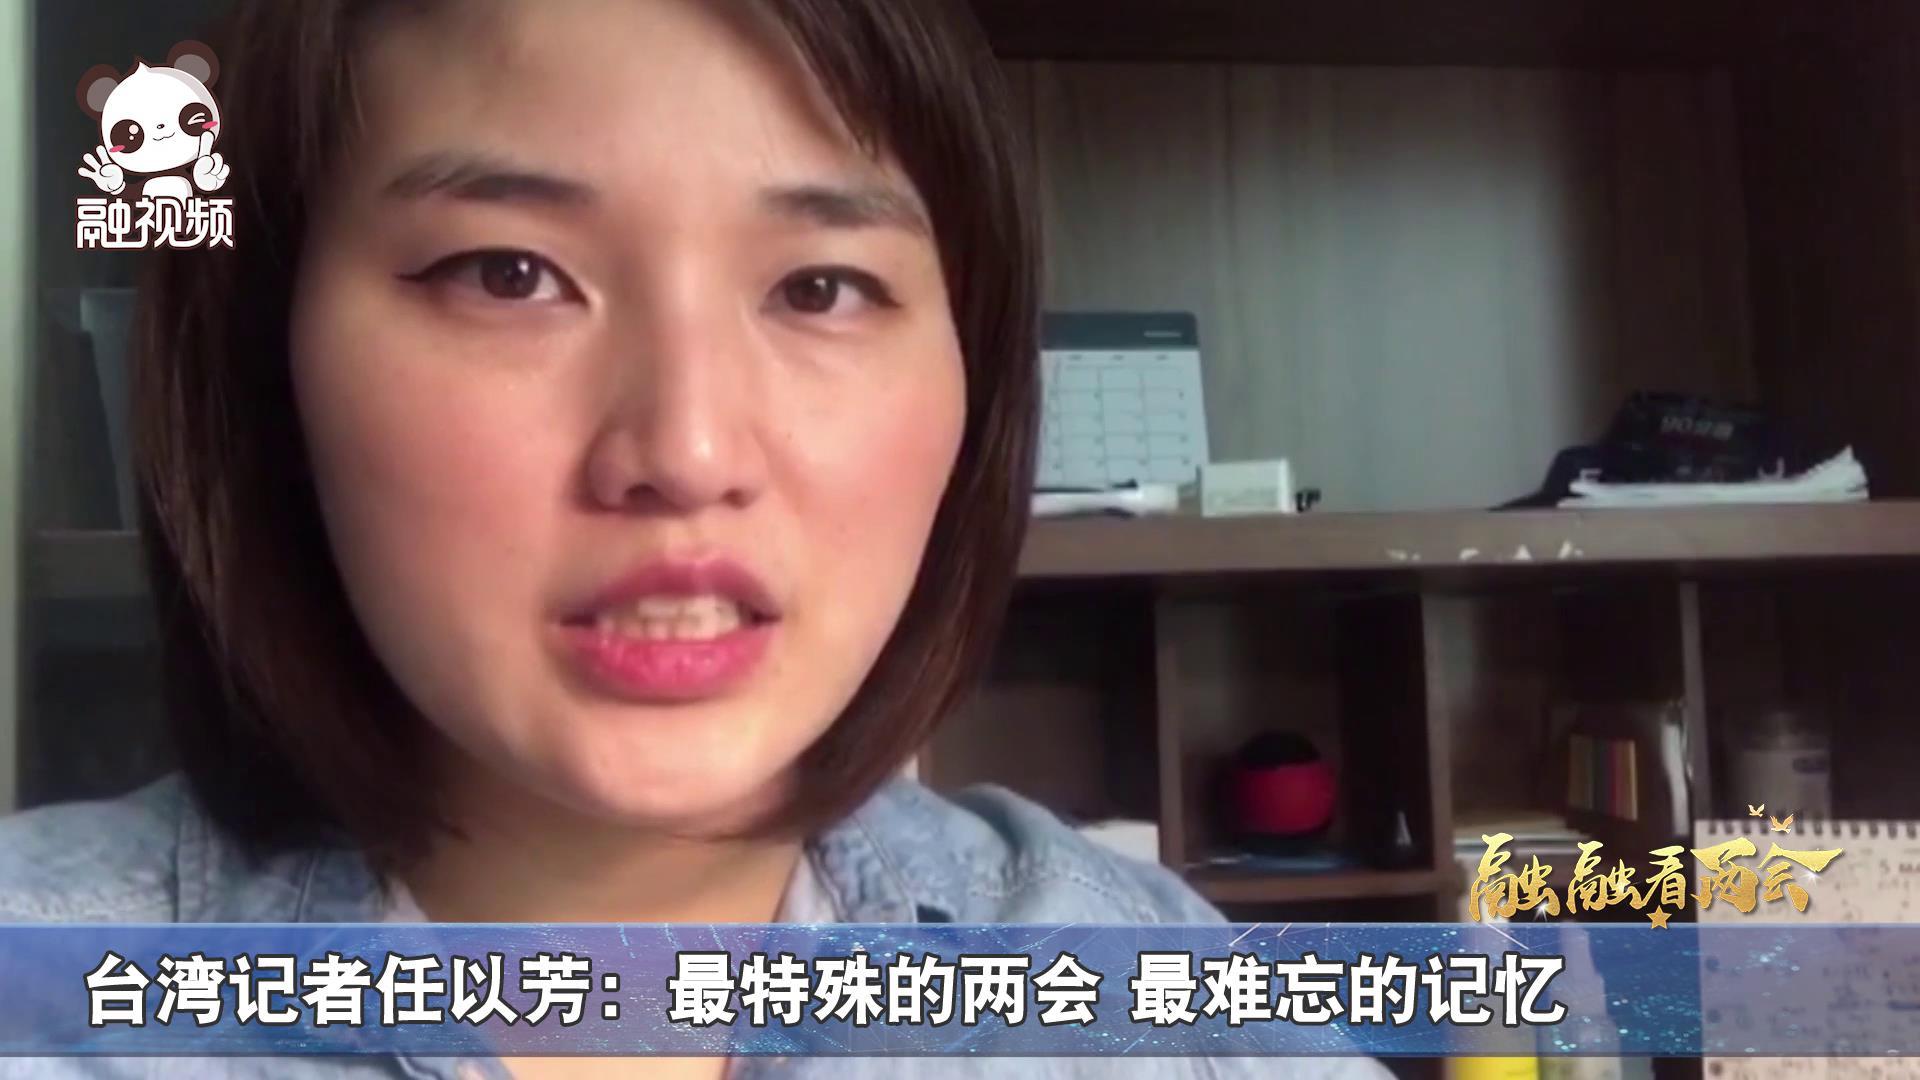 【融融看两会】台湾记者任以芳:最特殊的两会,最难忘的记忆!图片